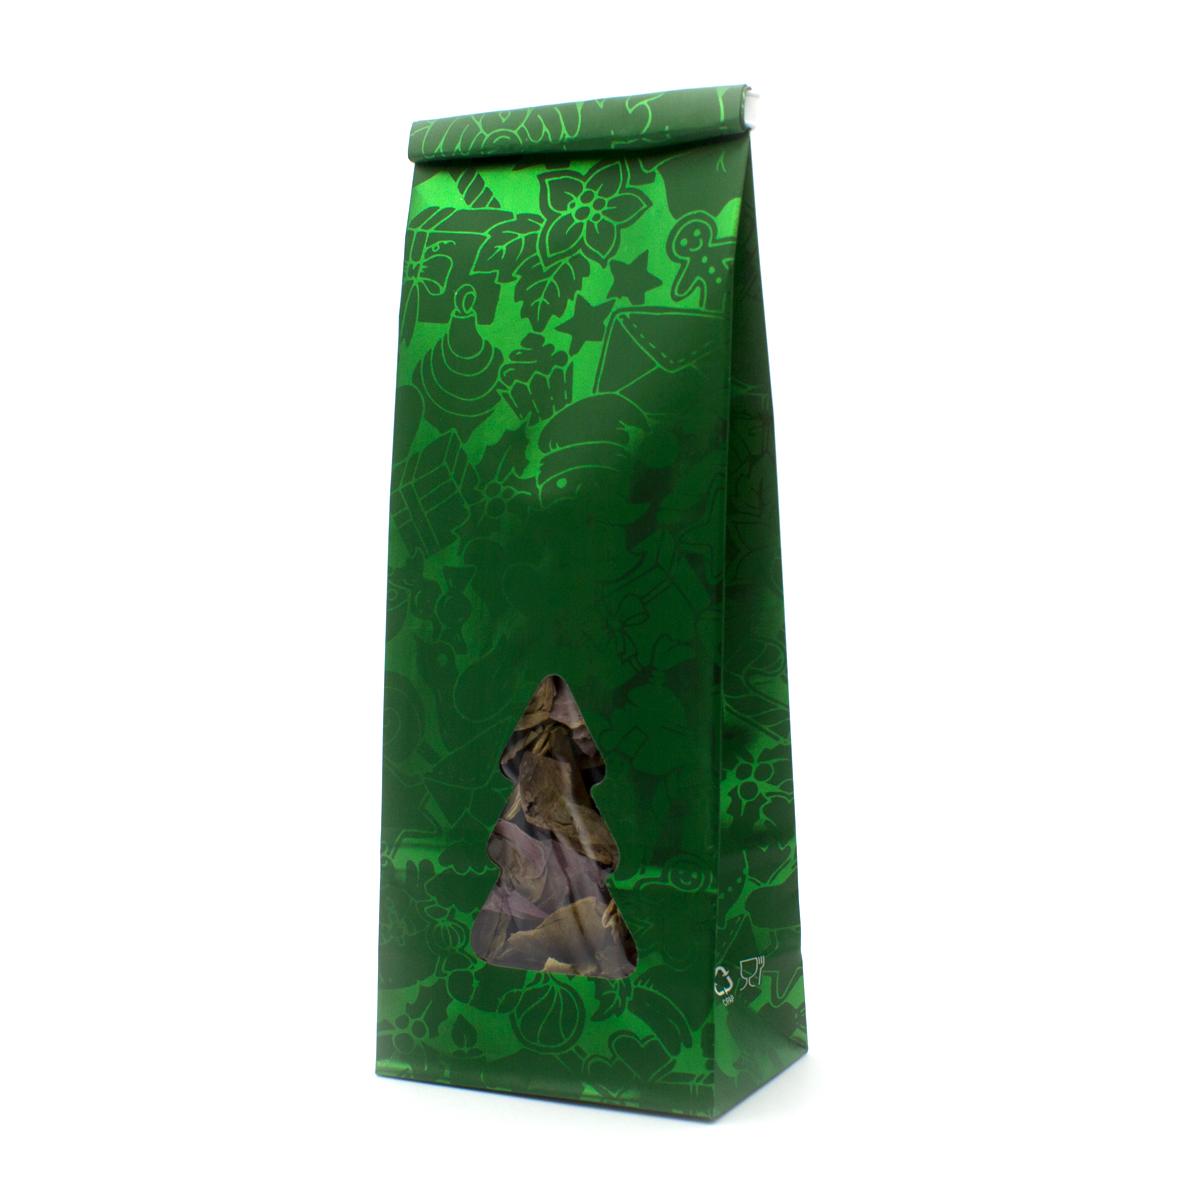 Пакет для чая 250 гр с окошком Новый год (22,5 х 8 см) сейф оружейный меткон ошн 8 черный 147 х 45 х 25 см